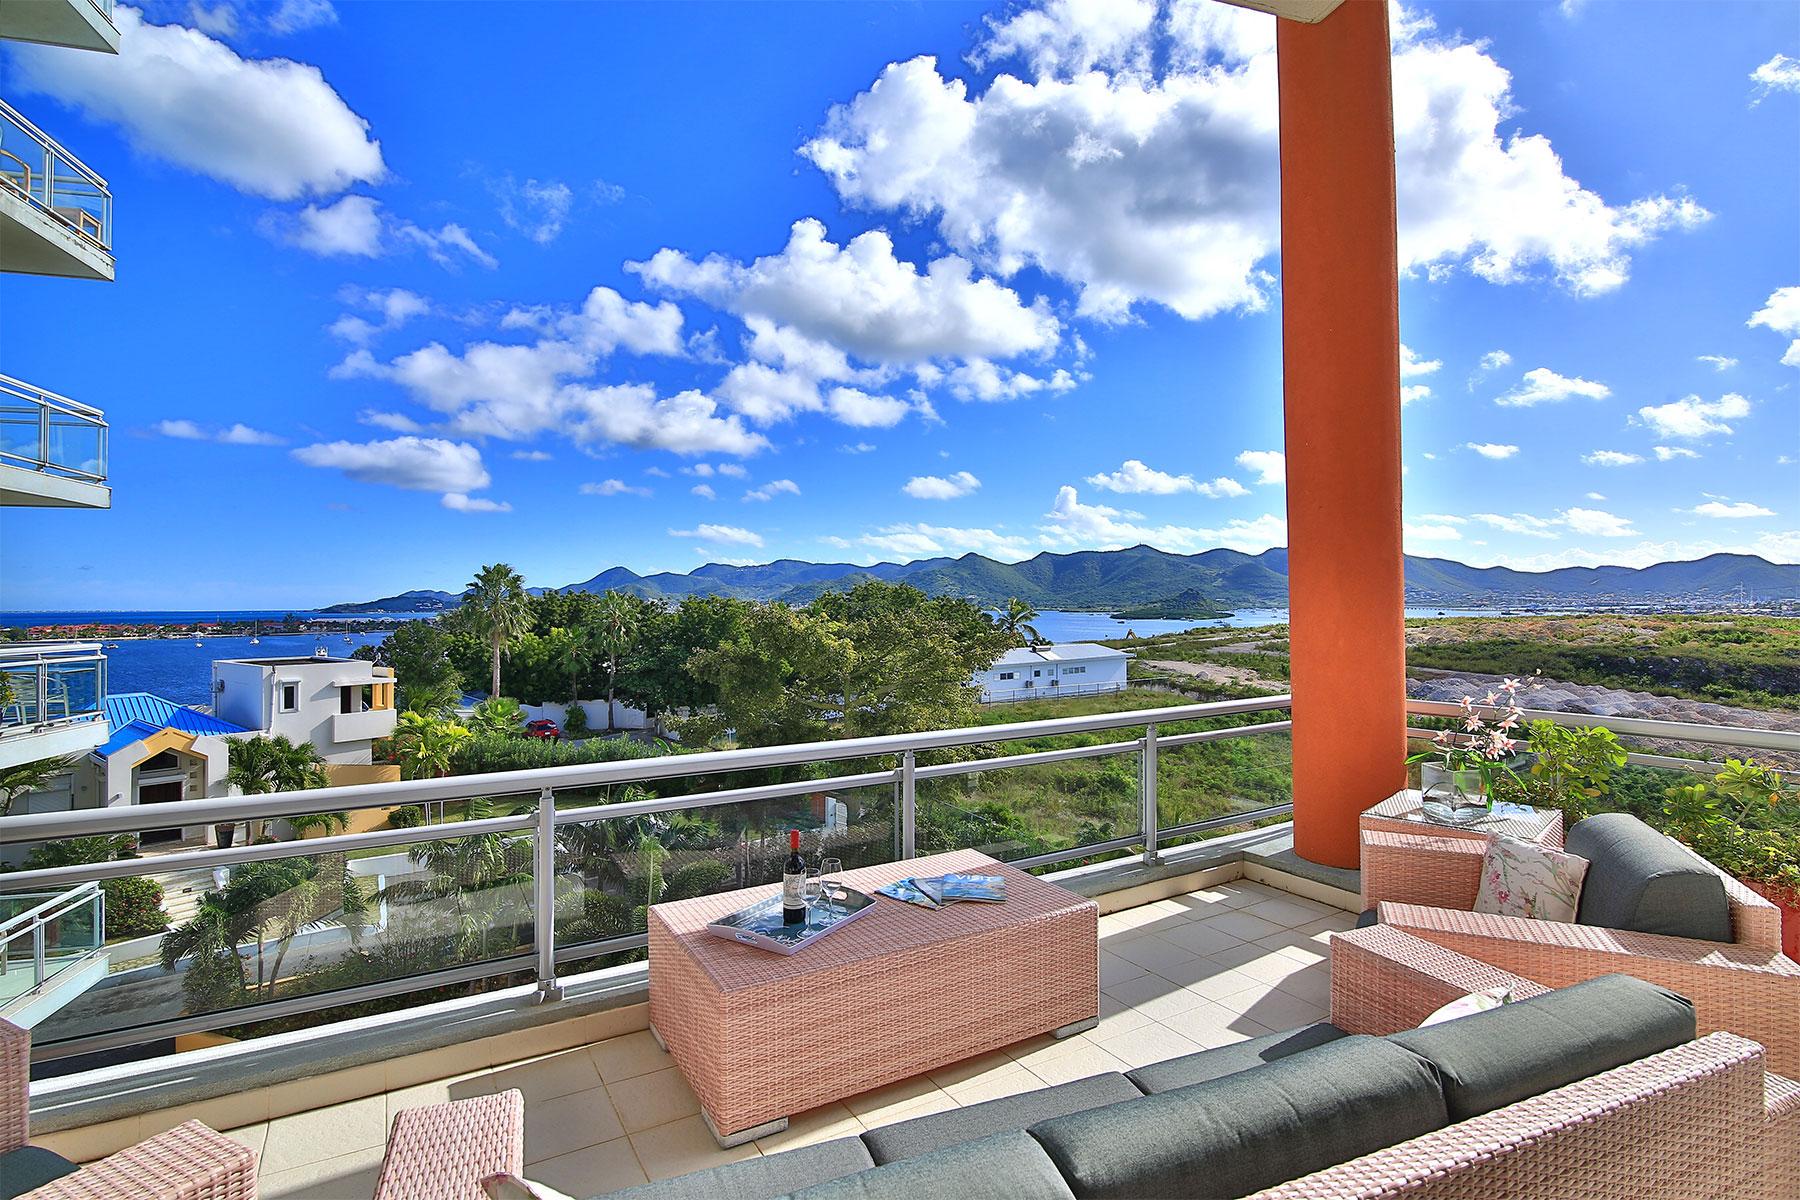 Duplex Homes for Sale at Aquamarina Duplex Other Cities In Sint Maarten, Cities In Sint Maarten St. Maarten